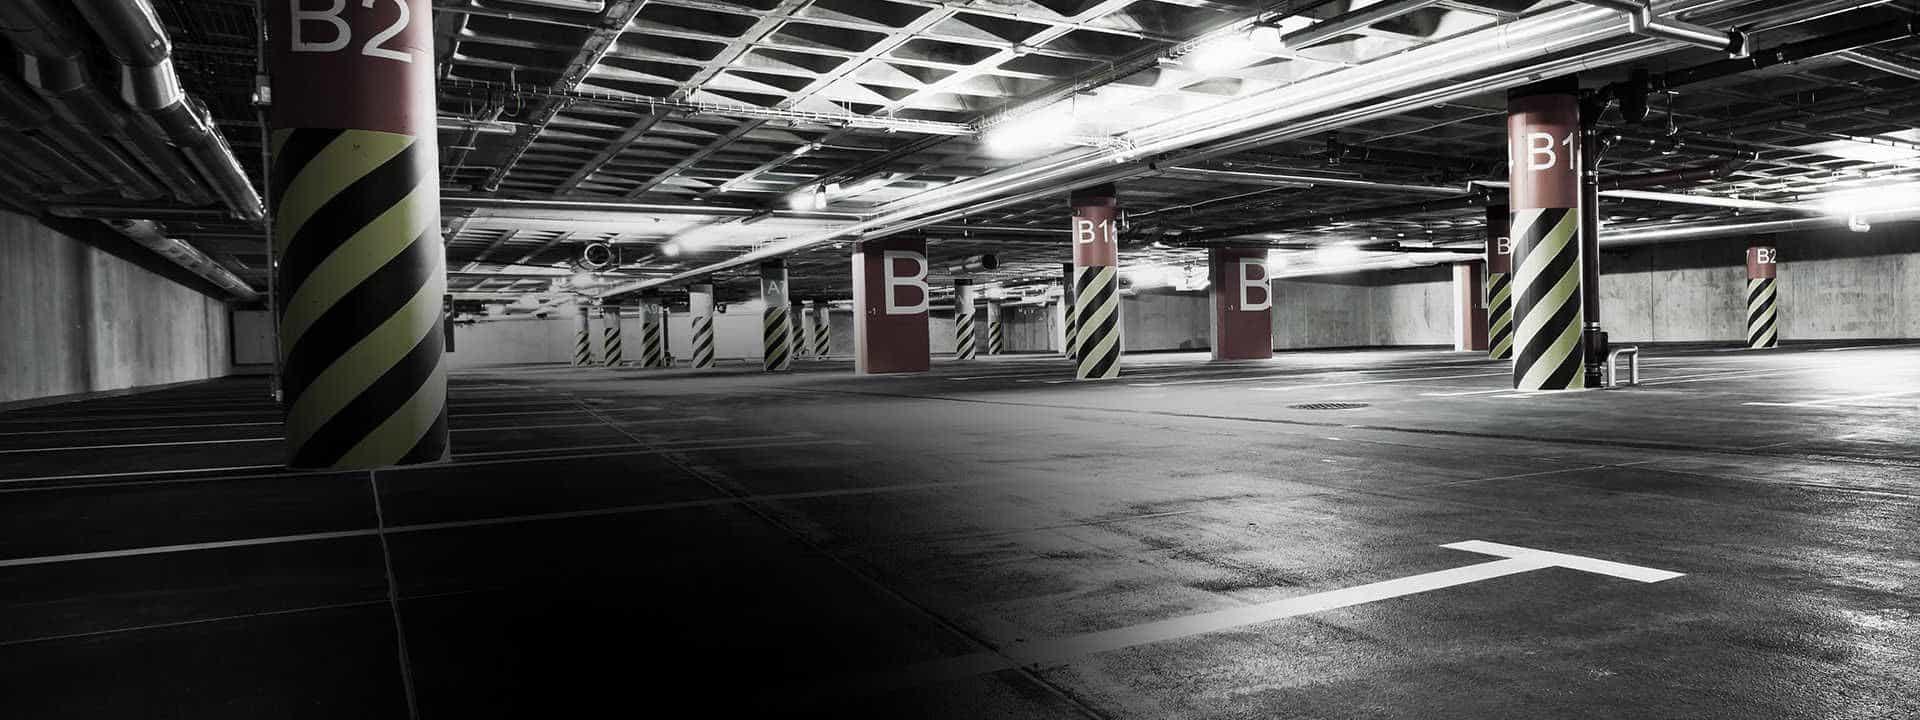 Parkingplus.pl - wyposażenie parkingów | Kraków